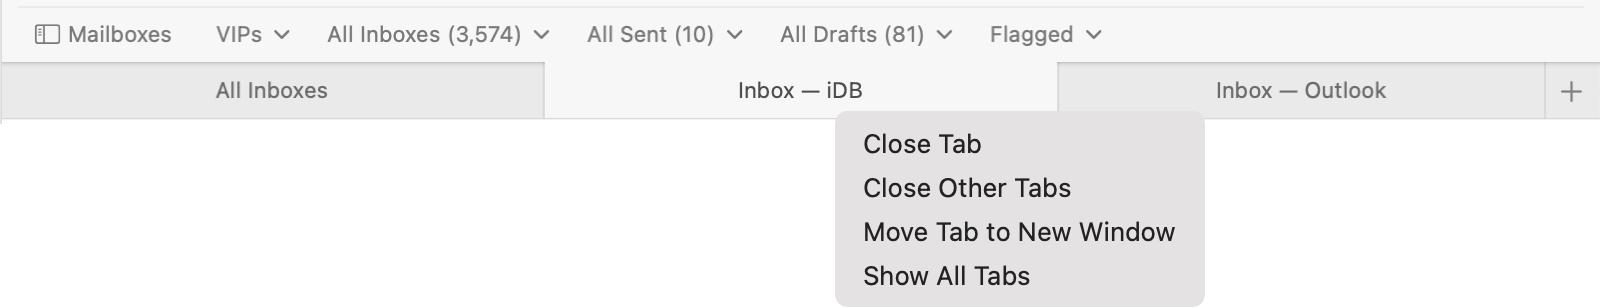 Right Click Tab Menu in Mail on Mac